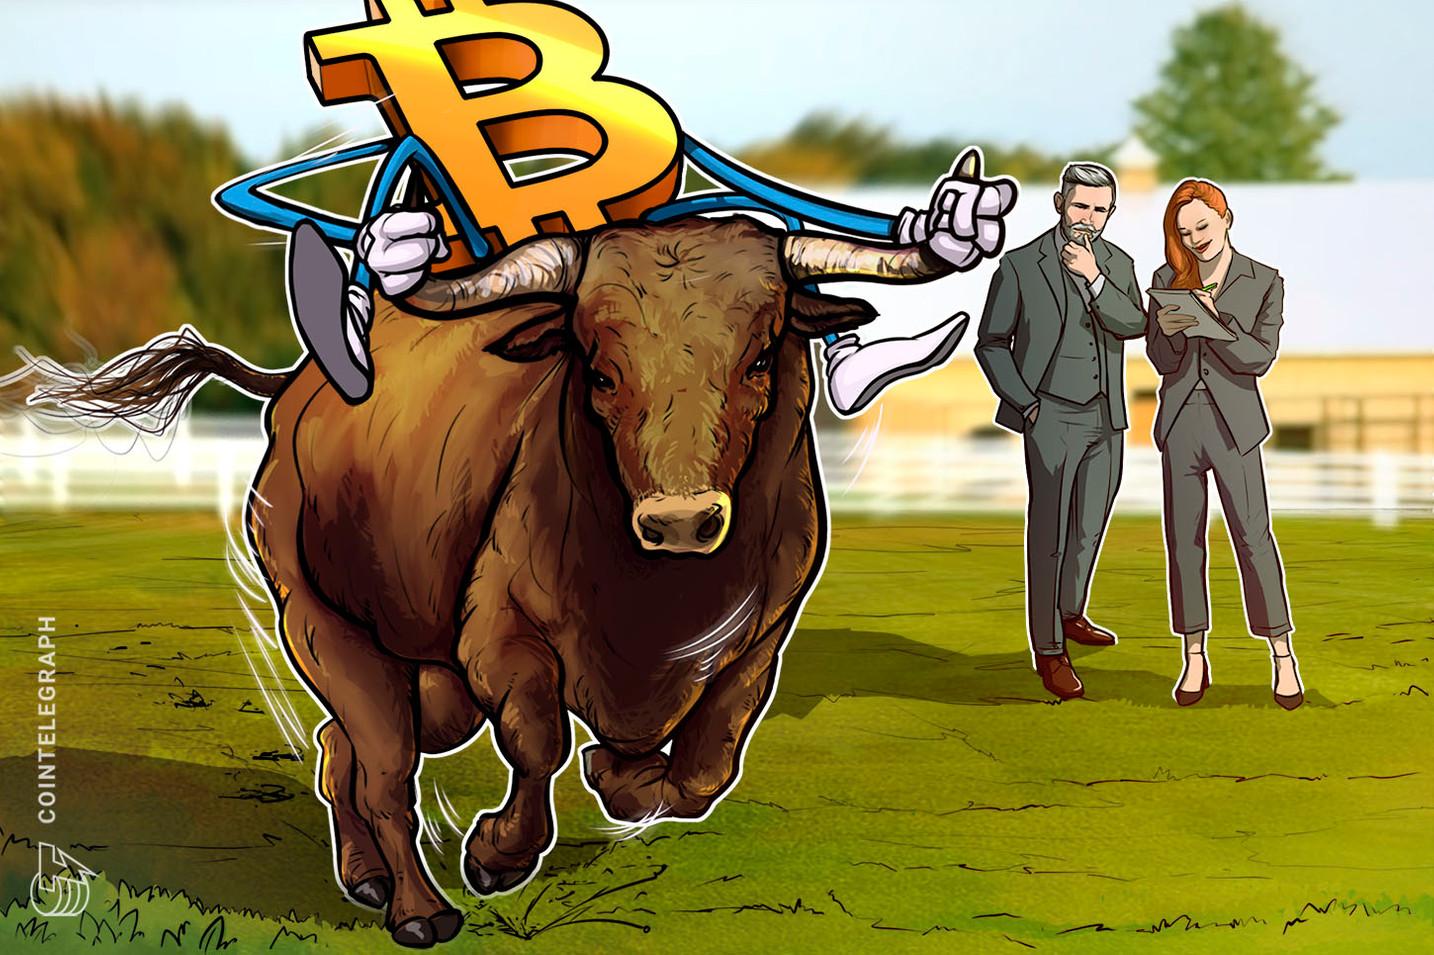 Perspectiva semanal do preço do Bitcoin: Bulls BTC aguardam quebra acima da MME de 50 dias